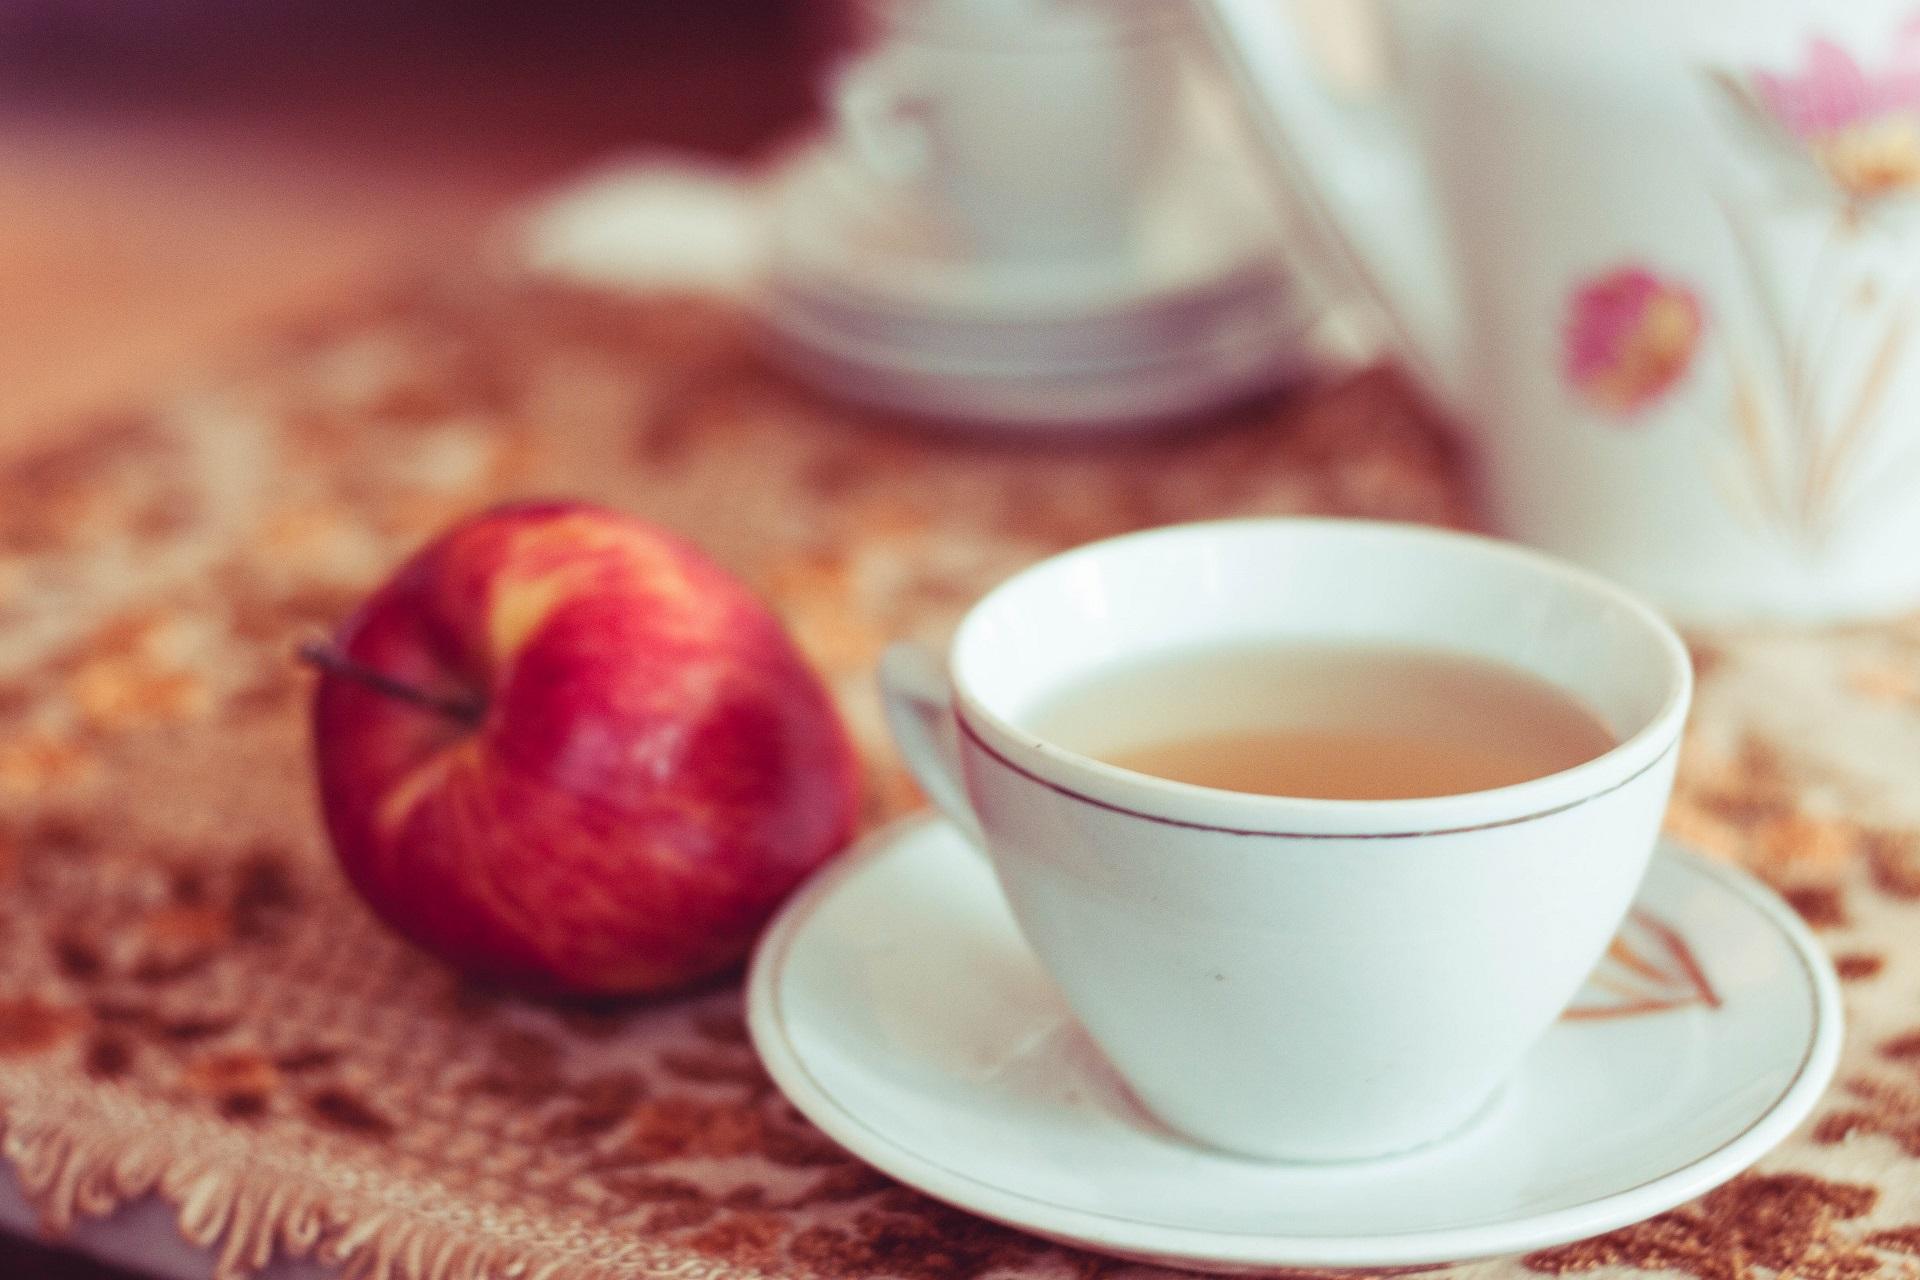 Вред чая с медом, Как правильно пить медовый чай, Противопоказания и предосторожности, При беременности.